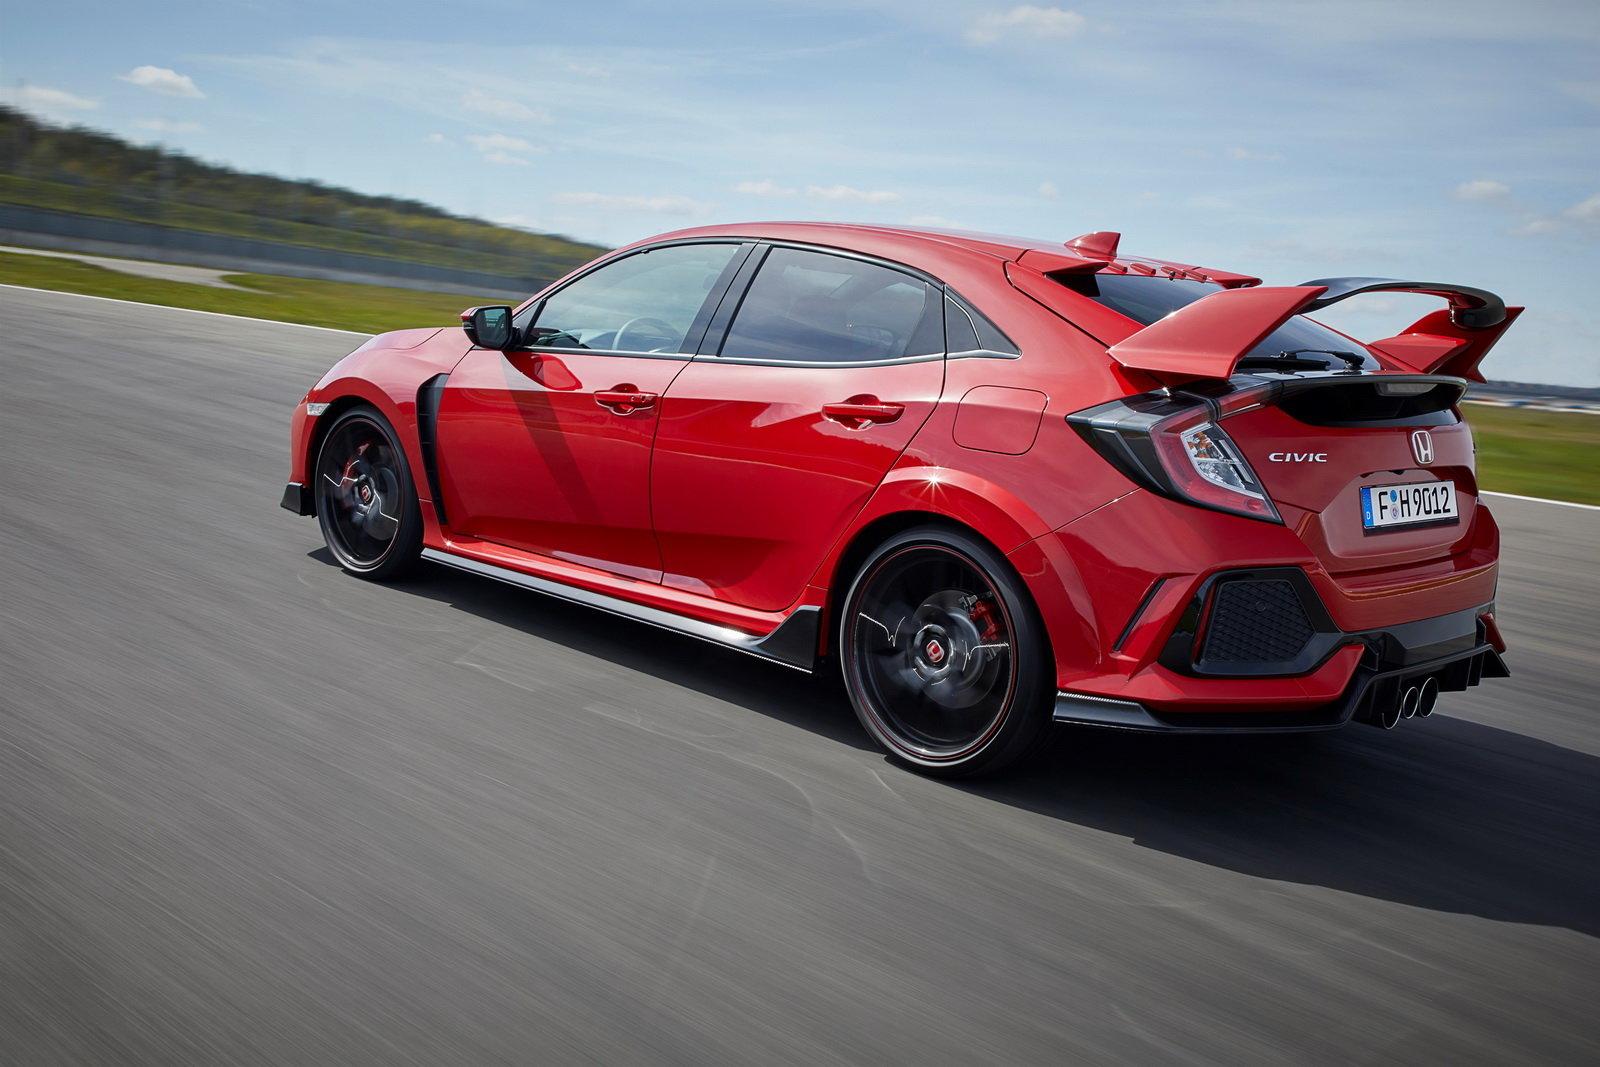 Fotografie č. 3 u článku Honda Civic Type R sbírá další vavříny c6aa6d05b8